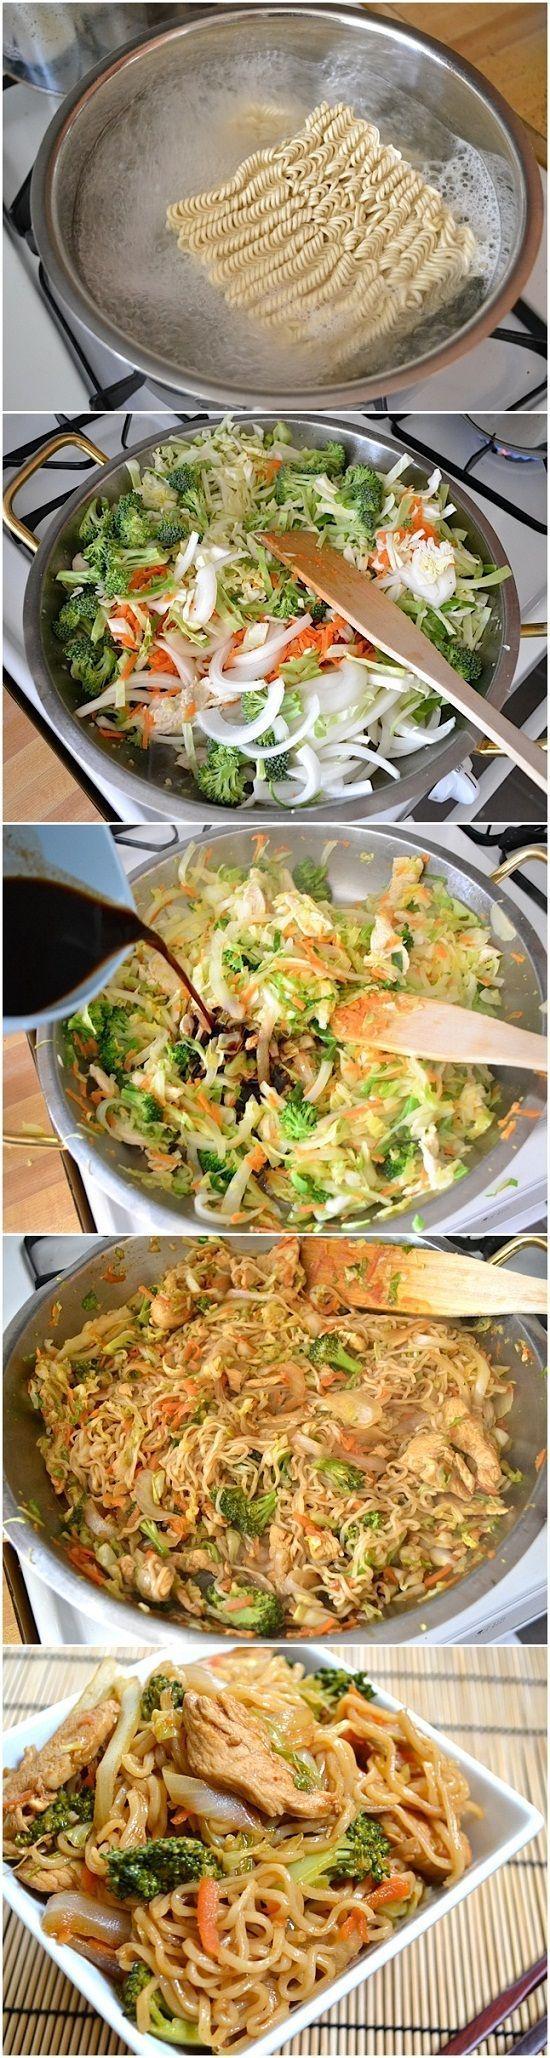 Noodles with vegetables, soy sauce, vegetables and chicken breast Tallarines con vegetales, salsa de soja, vegetales y pechuga de pollo Subido de Pinterest. http://www.isladelecturas.es/index.php/noticias/libros/835-las-aventuras-de-indiana-juana-de-jaime-fuster A la venta en AMAZON. Feliz lectura.